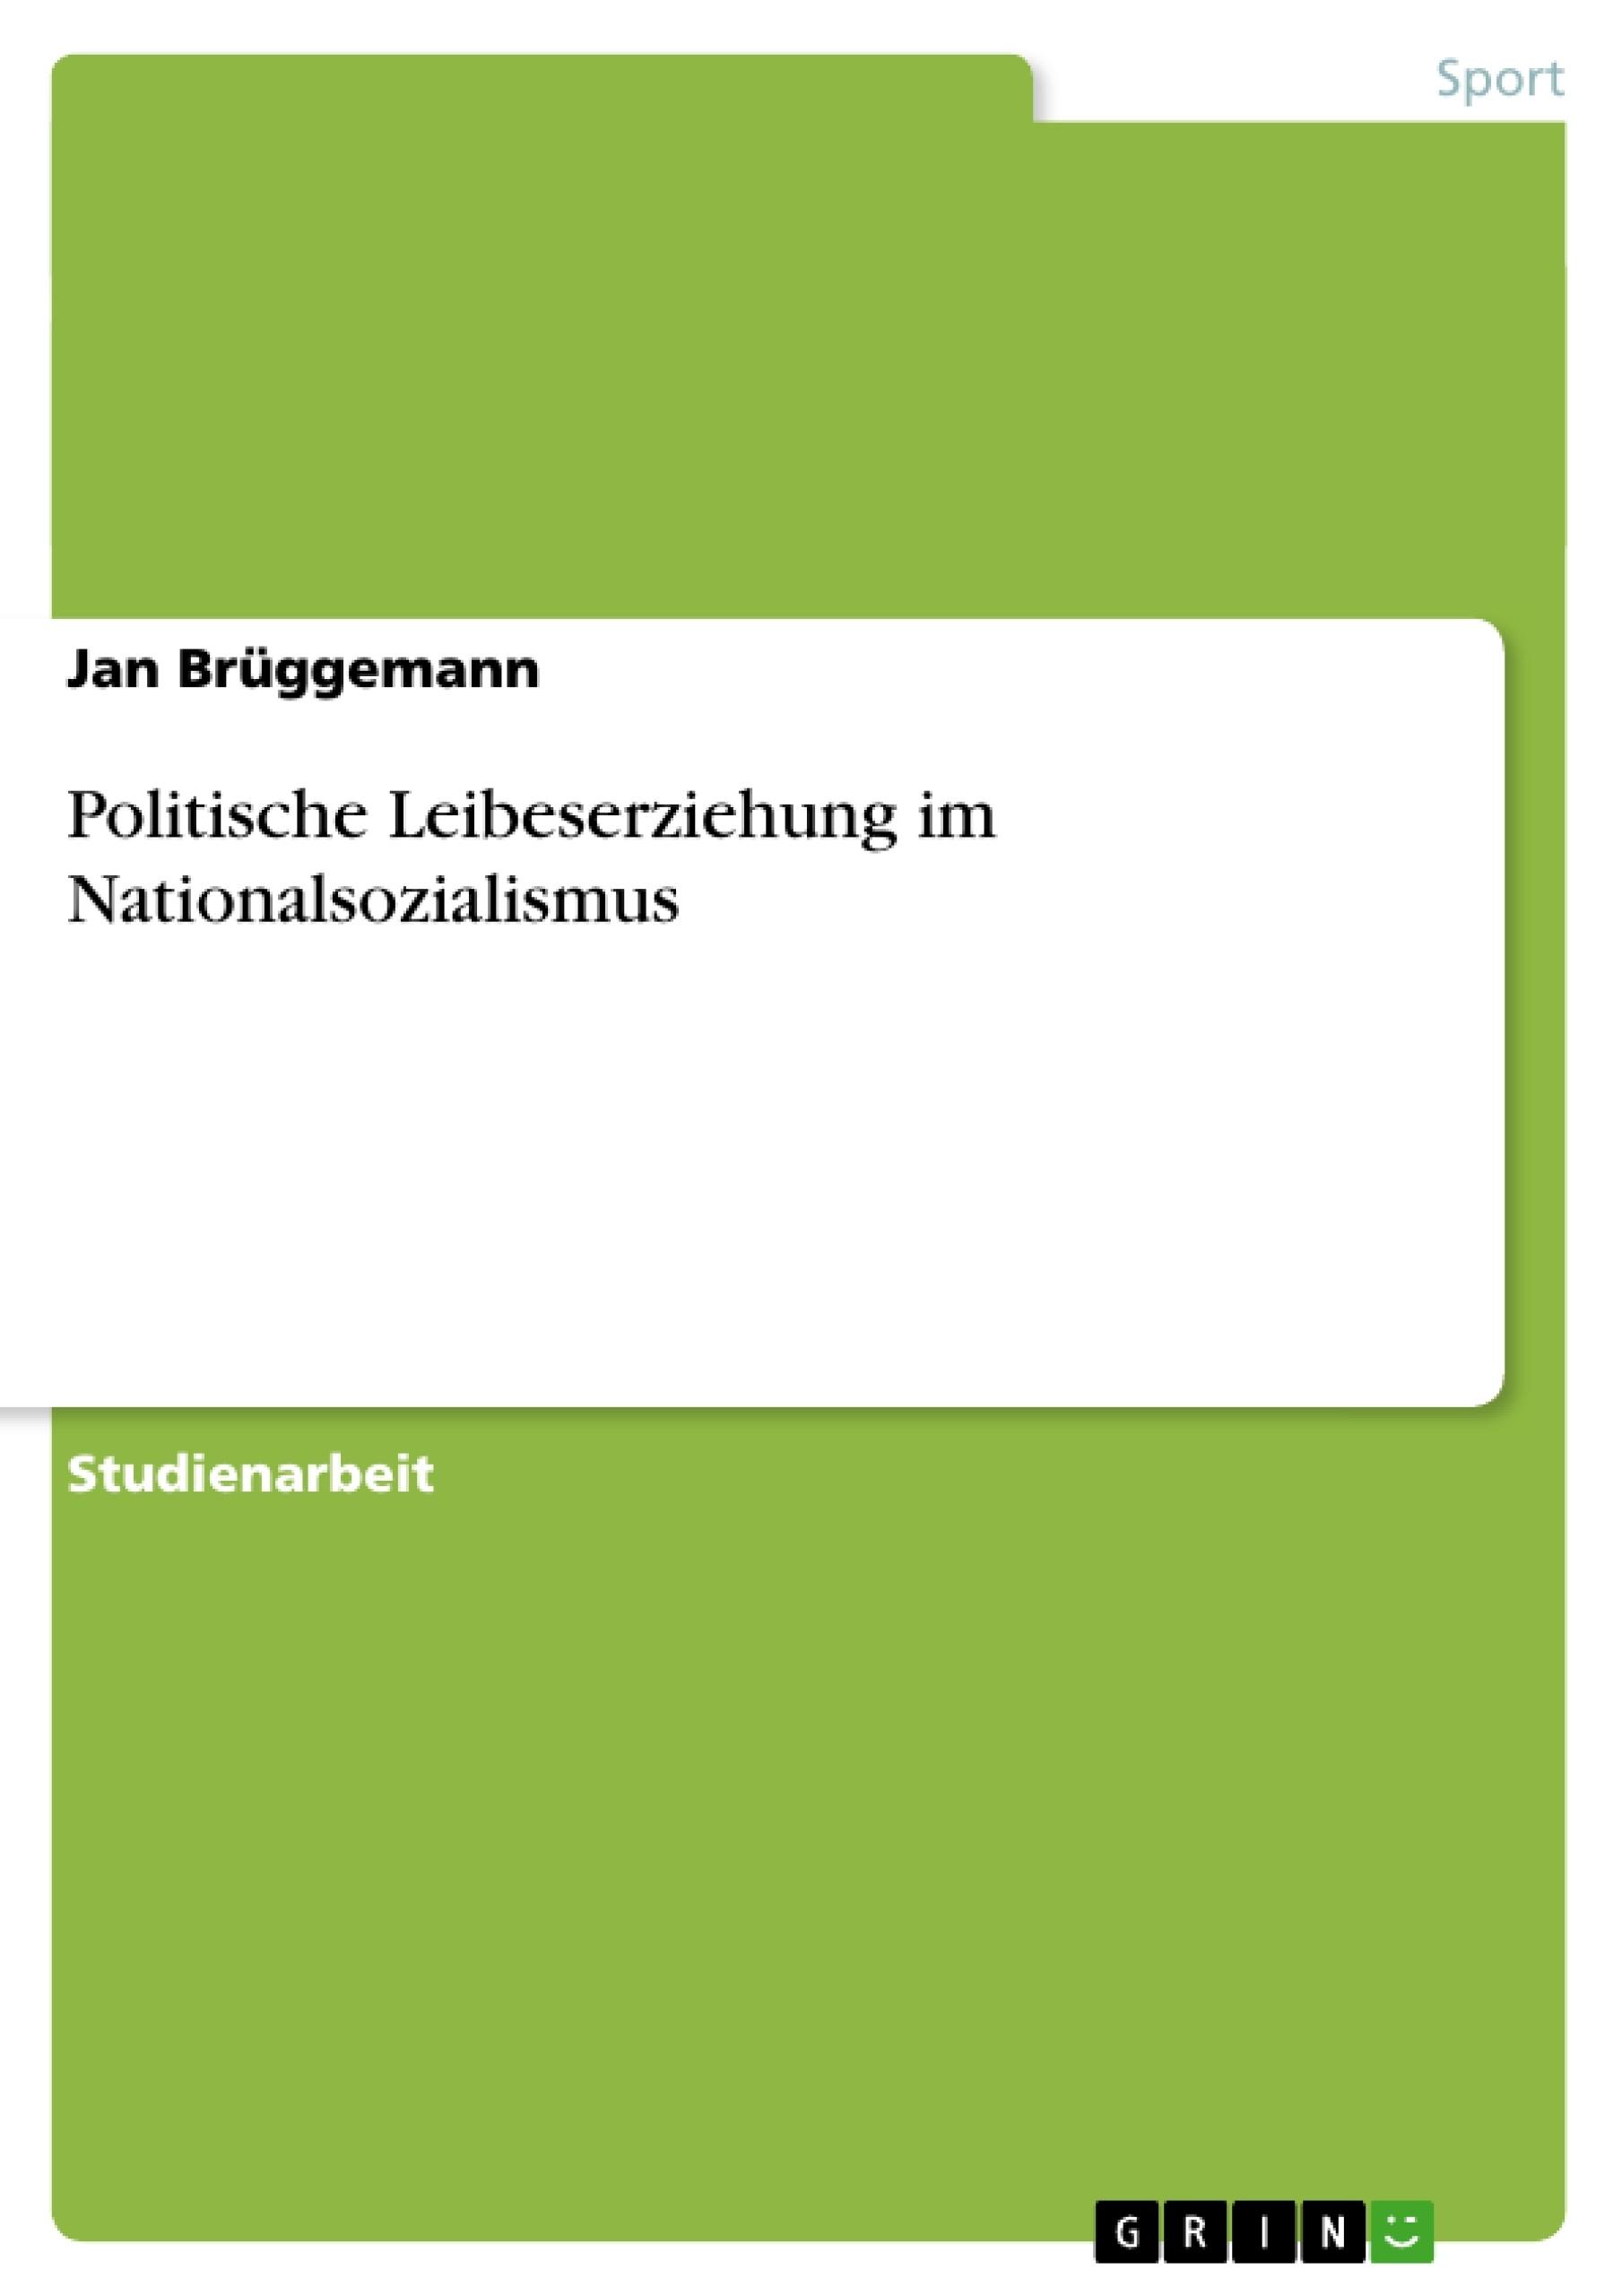 Titel: Politische Leibeserziehung im Nationalsozialismus